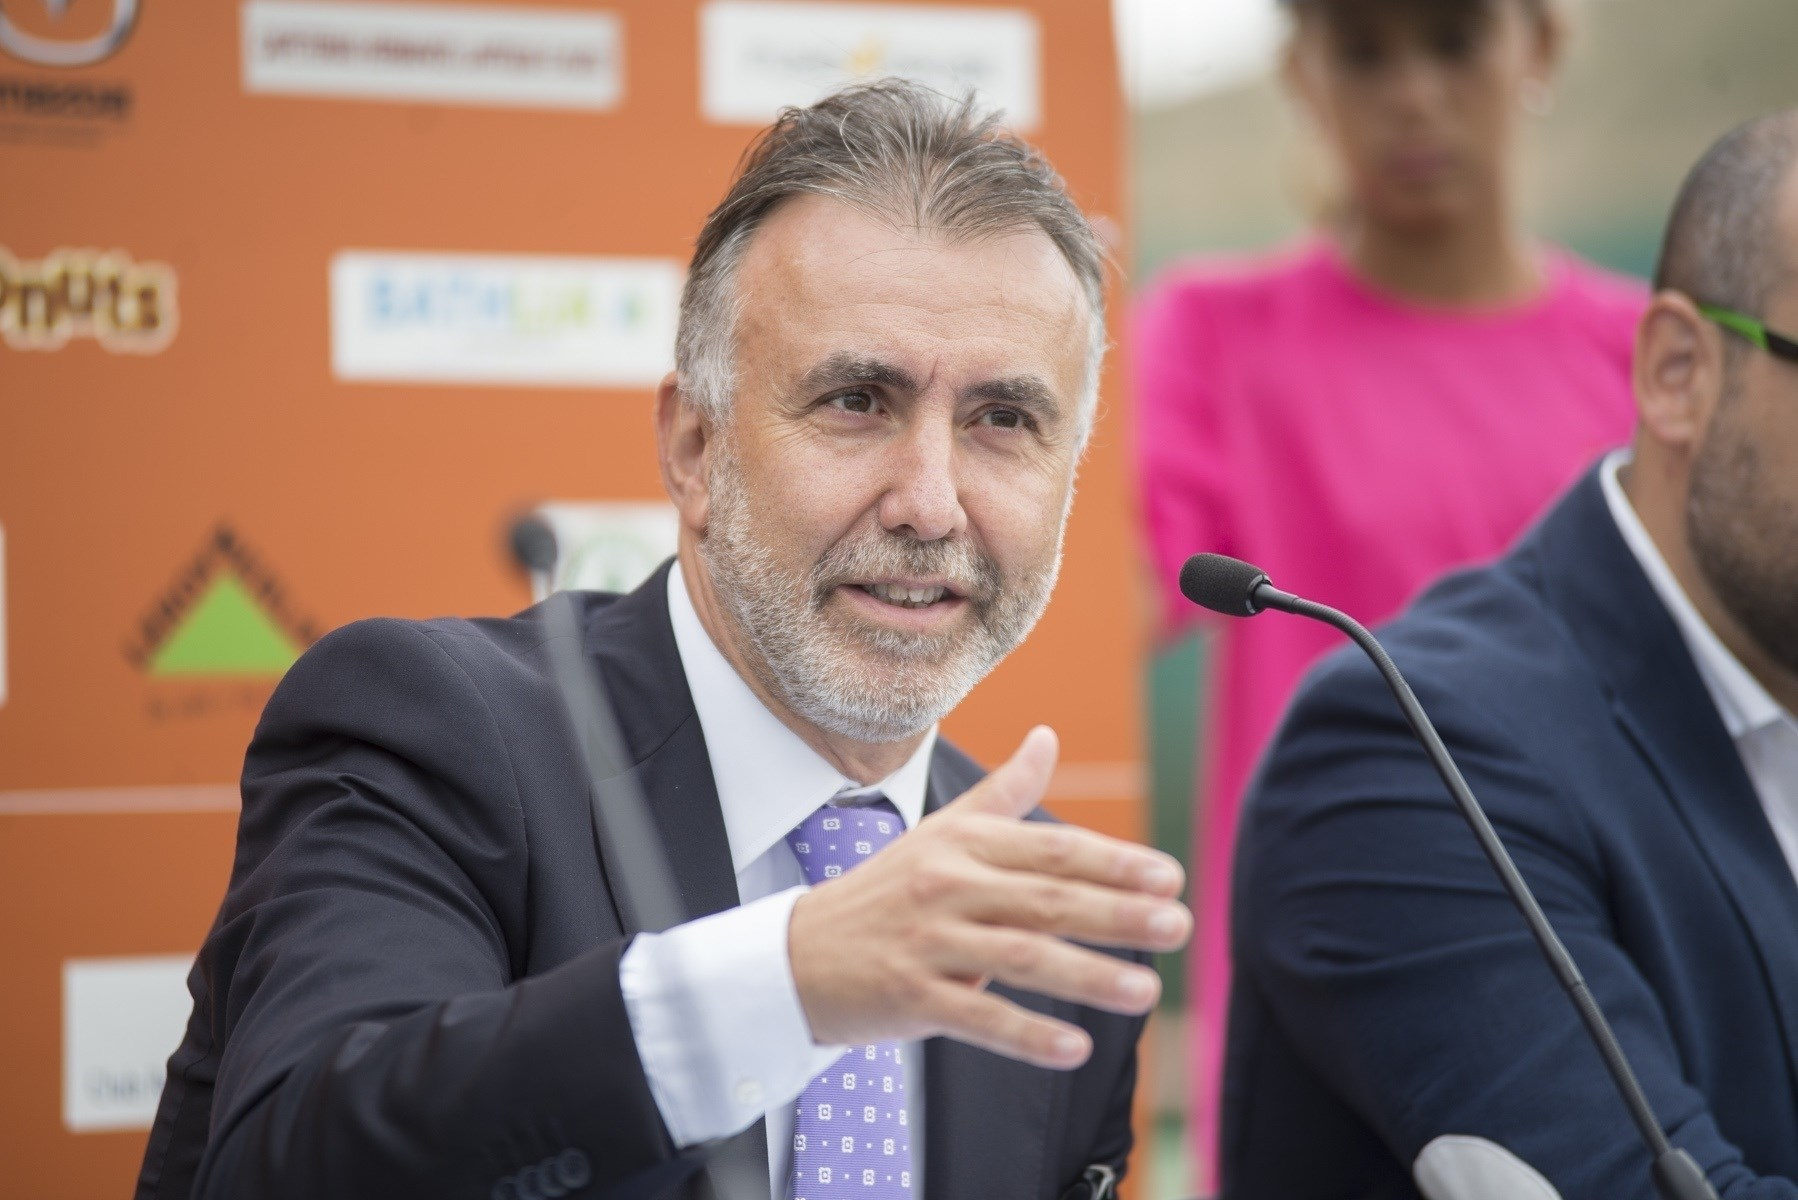 Ángel Víctor Torres, secretario general del PSOE en Canarias.   DA